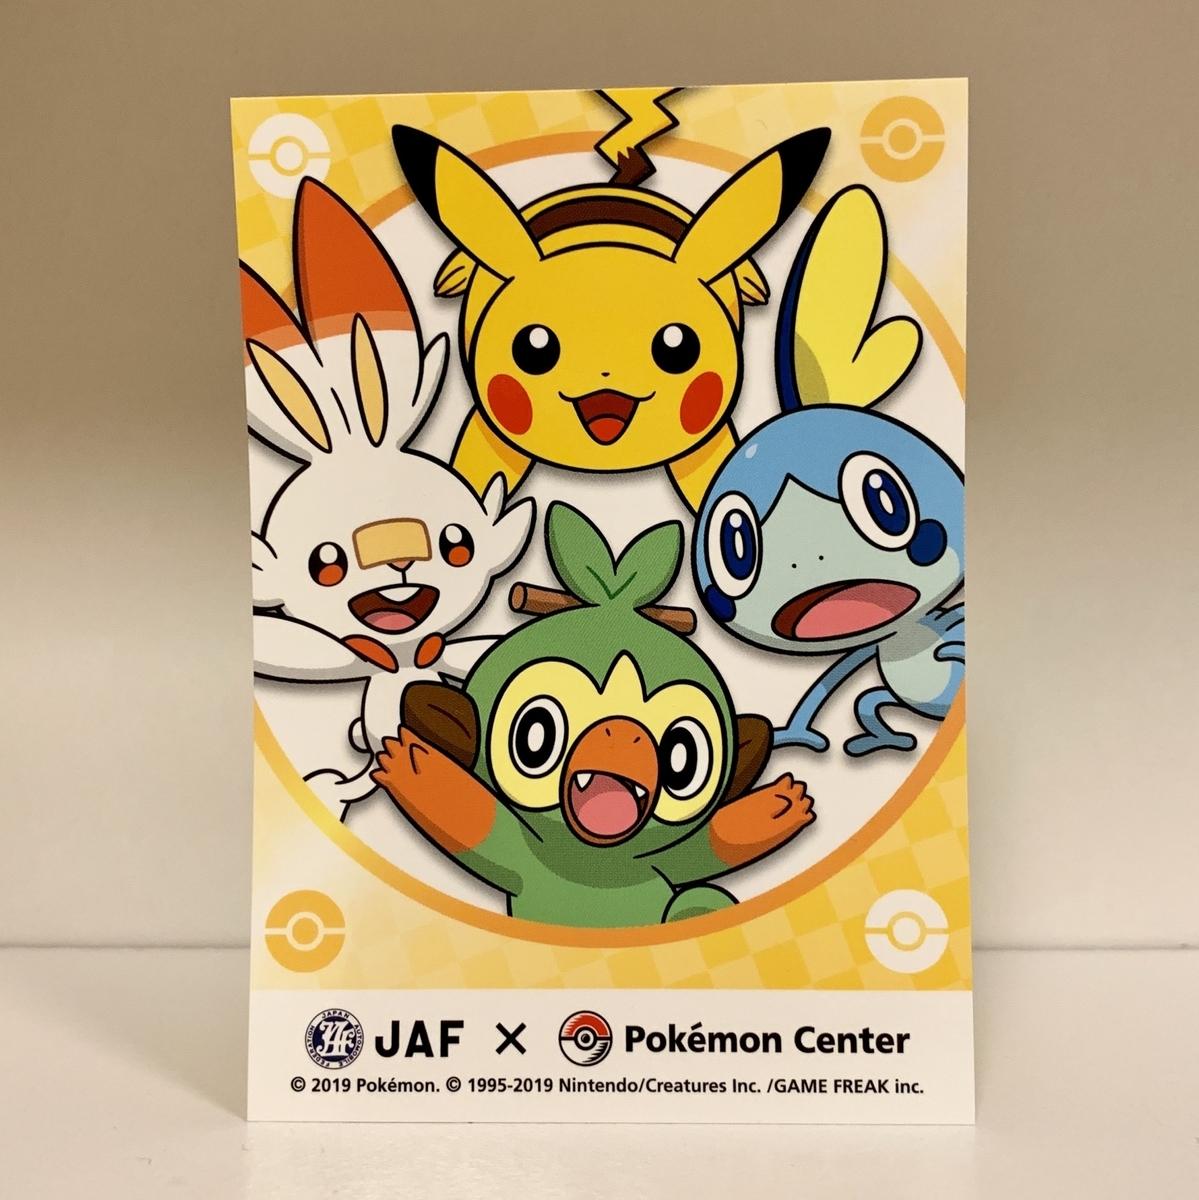 f:id:pikachu_pcn:20191116212100j:plain